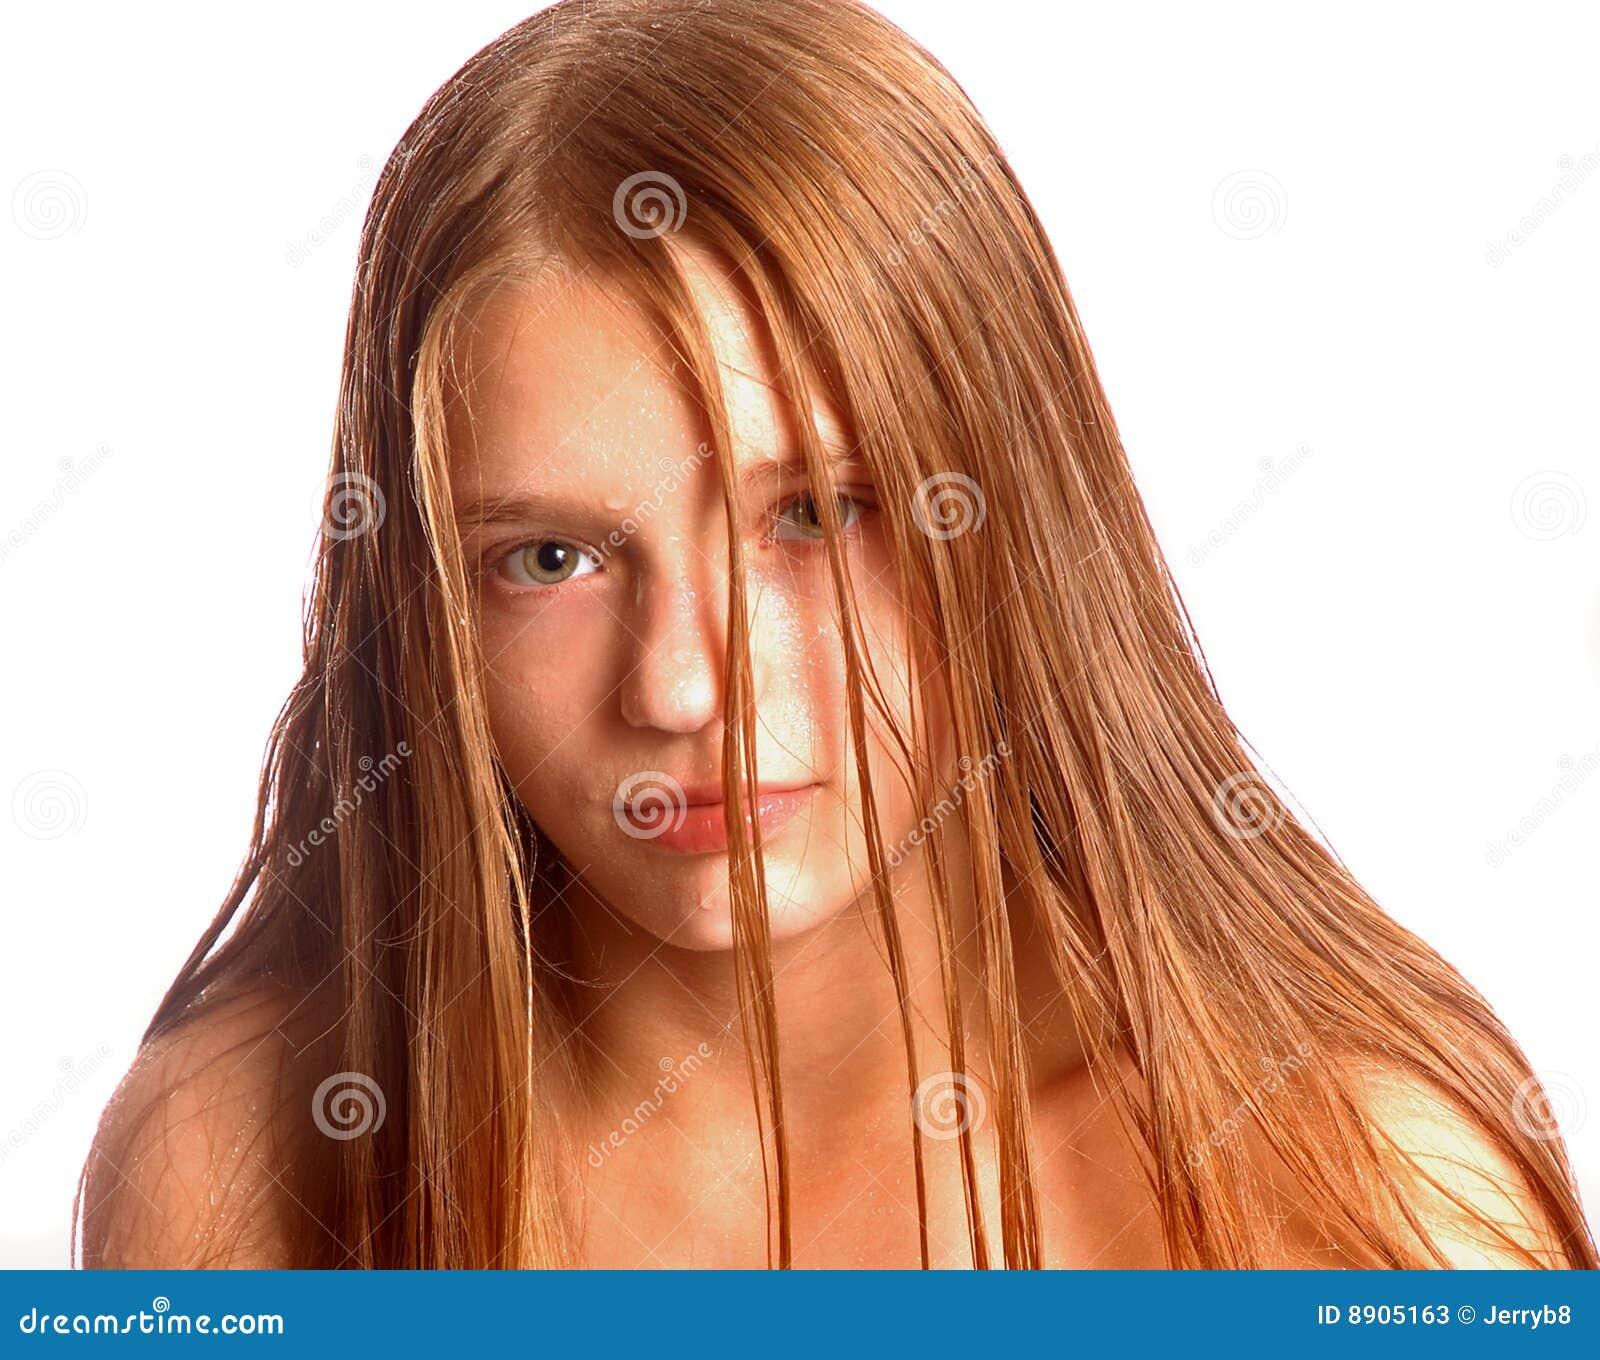 Girls nasse Aly Raisman